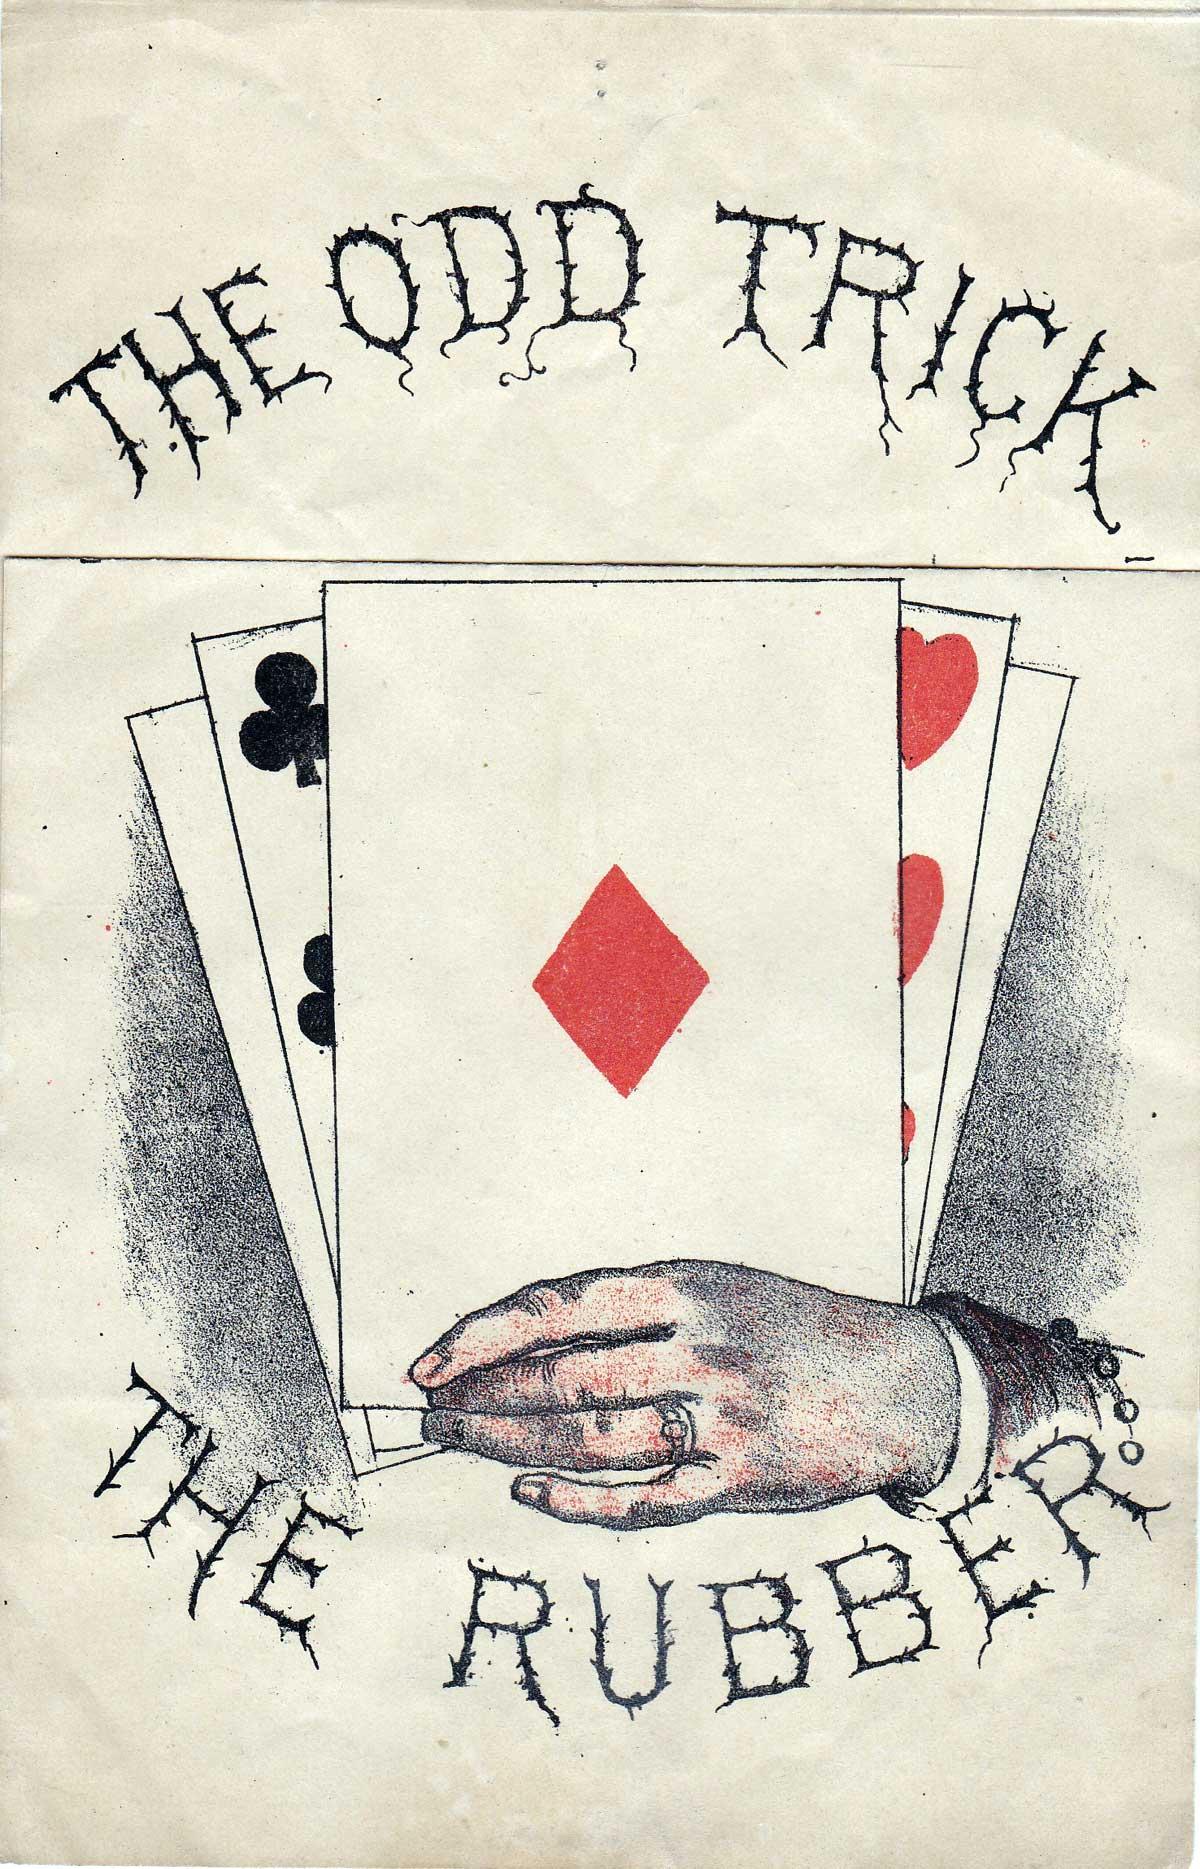 The Odd Trick - a bit of Edwardian naughtiness